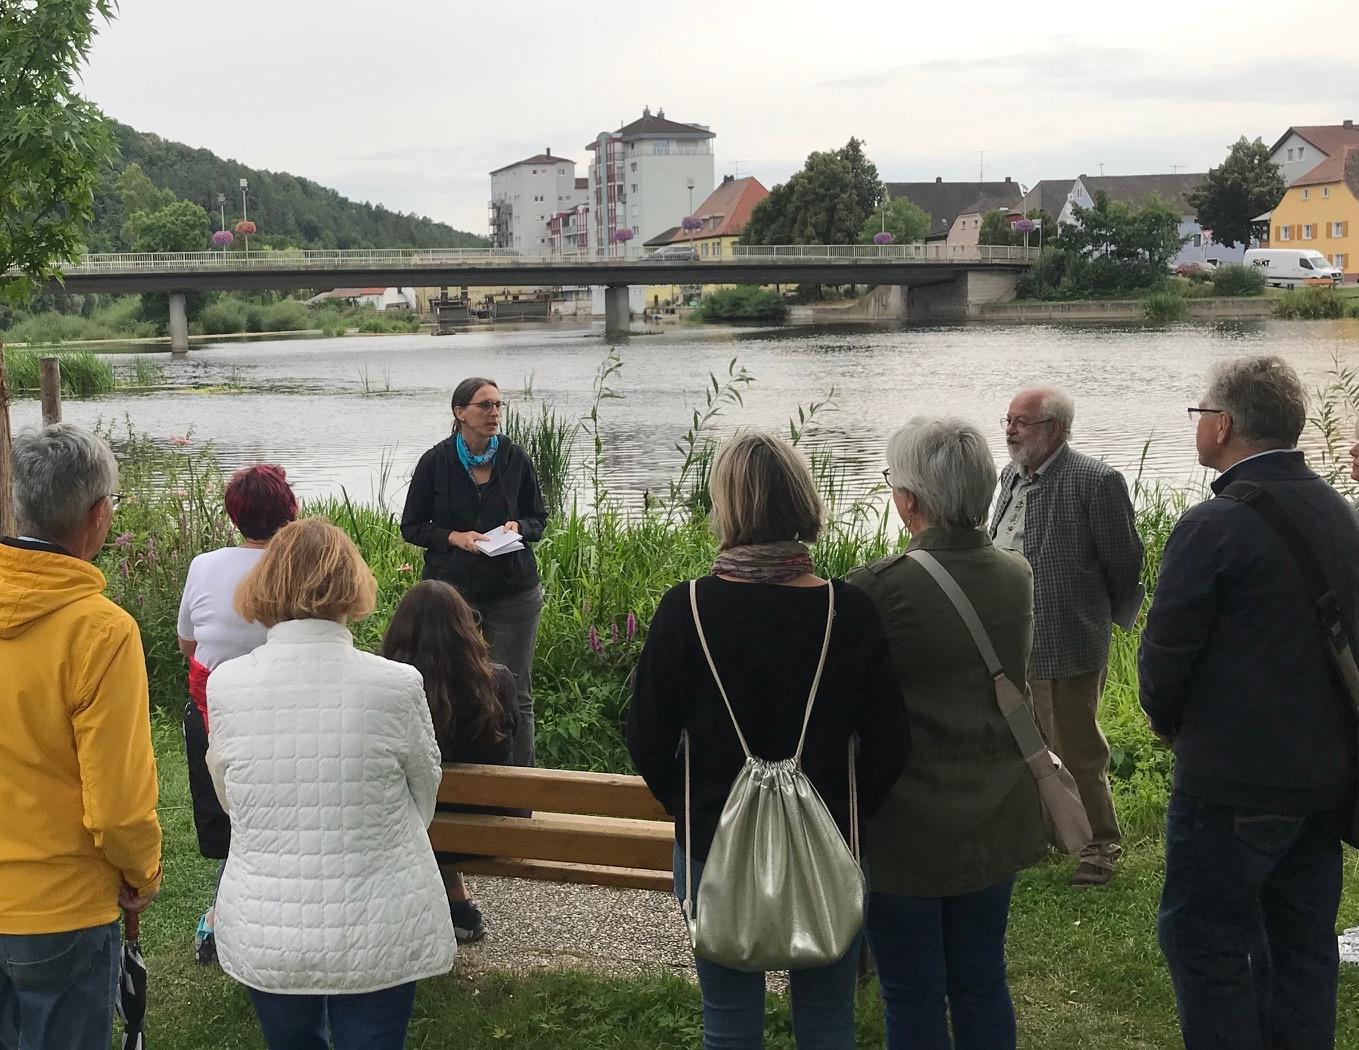 Literaturwanderung in den Naabauen, Bild: Kristina Pöschl, Lichtung Verlag